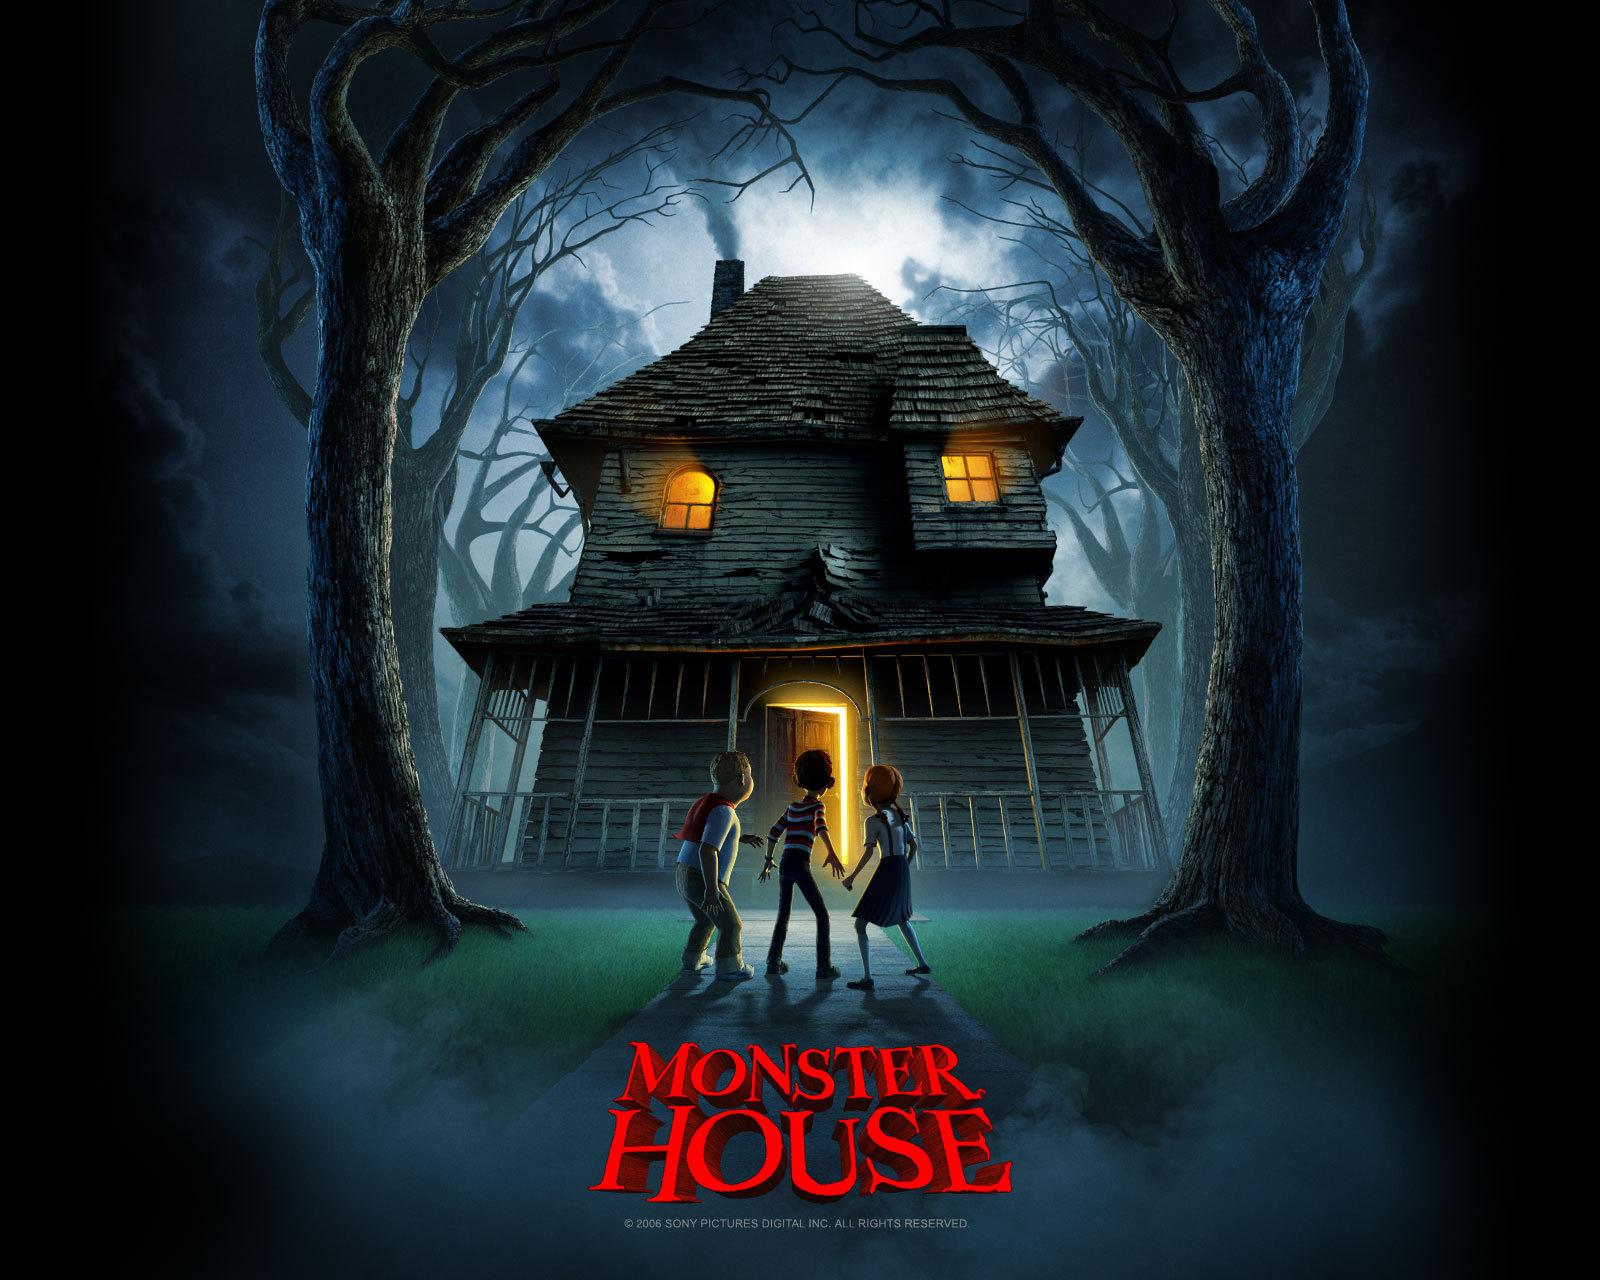 Monster House Movie Wallpaper   Monster House Wallpaper 26514290 1600x1280